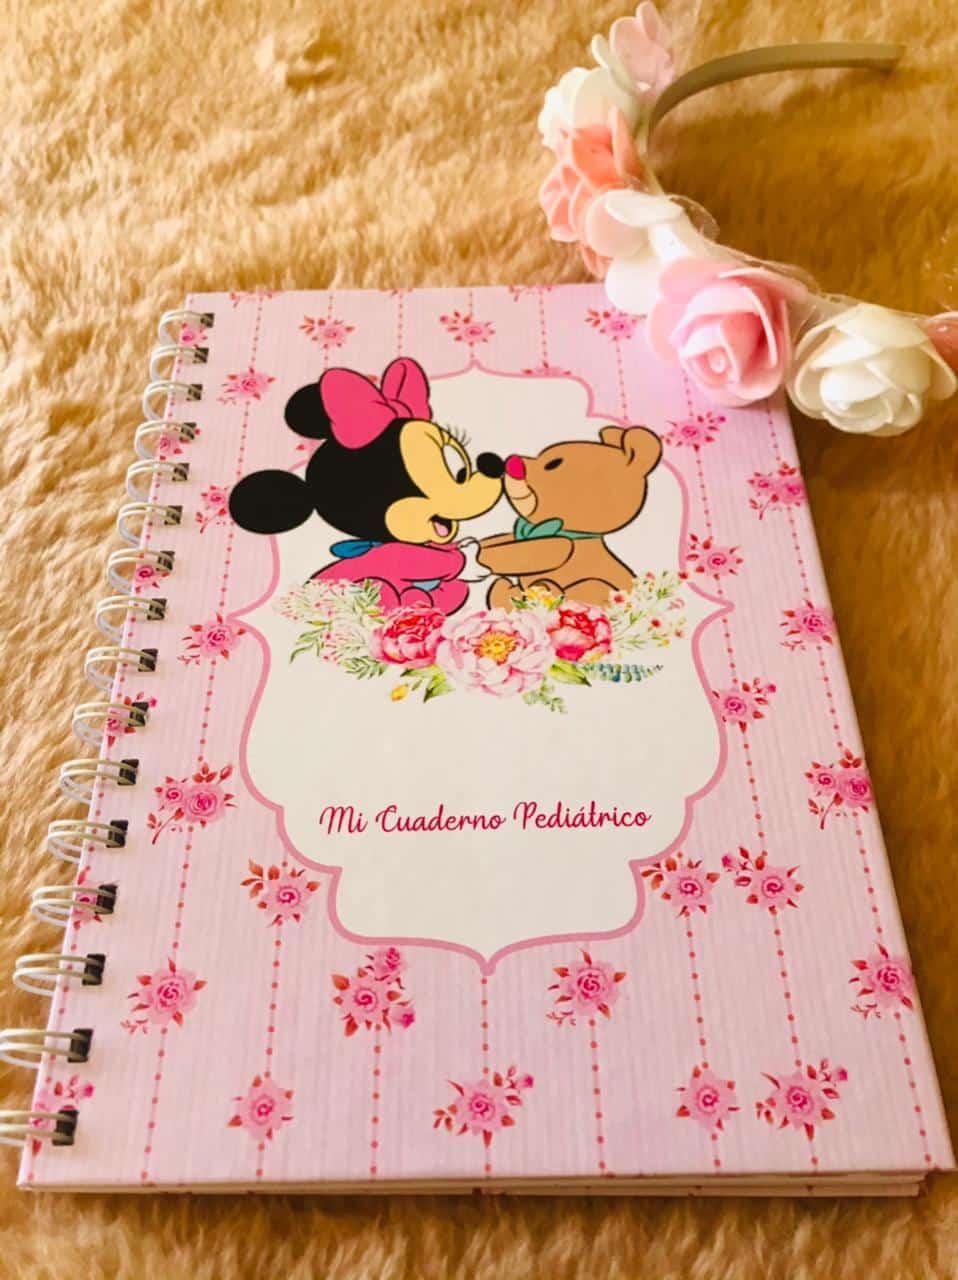 Cuadernos Pediátricos